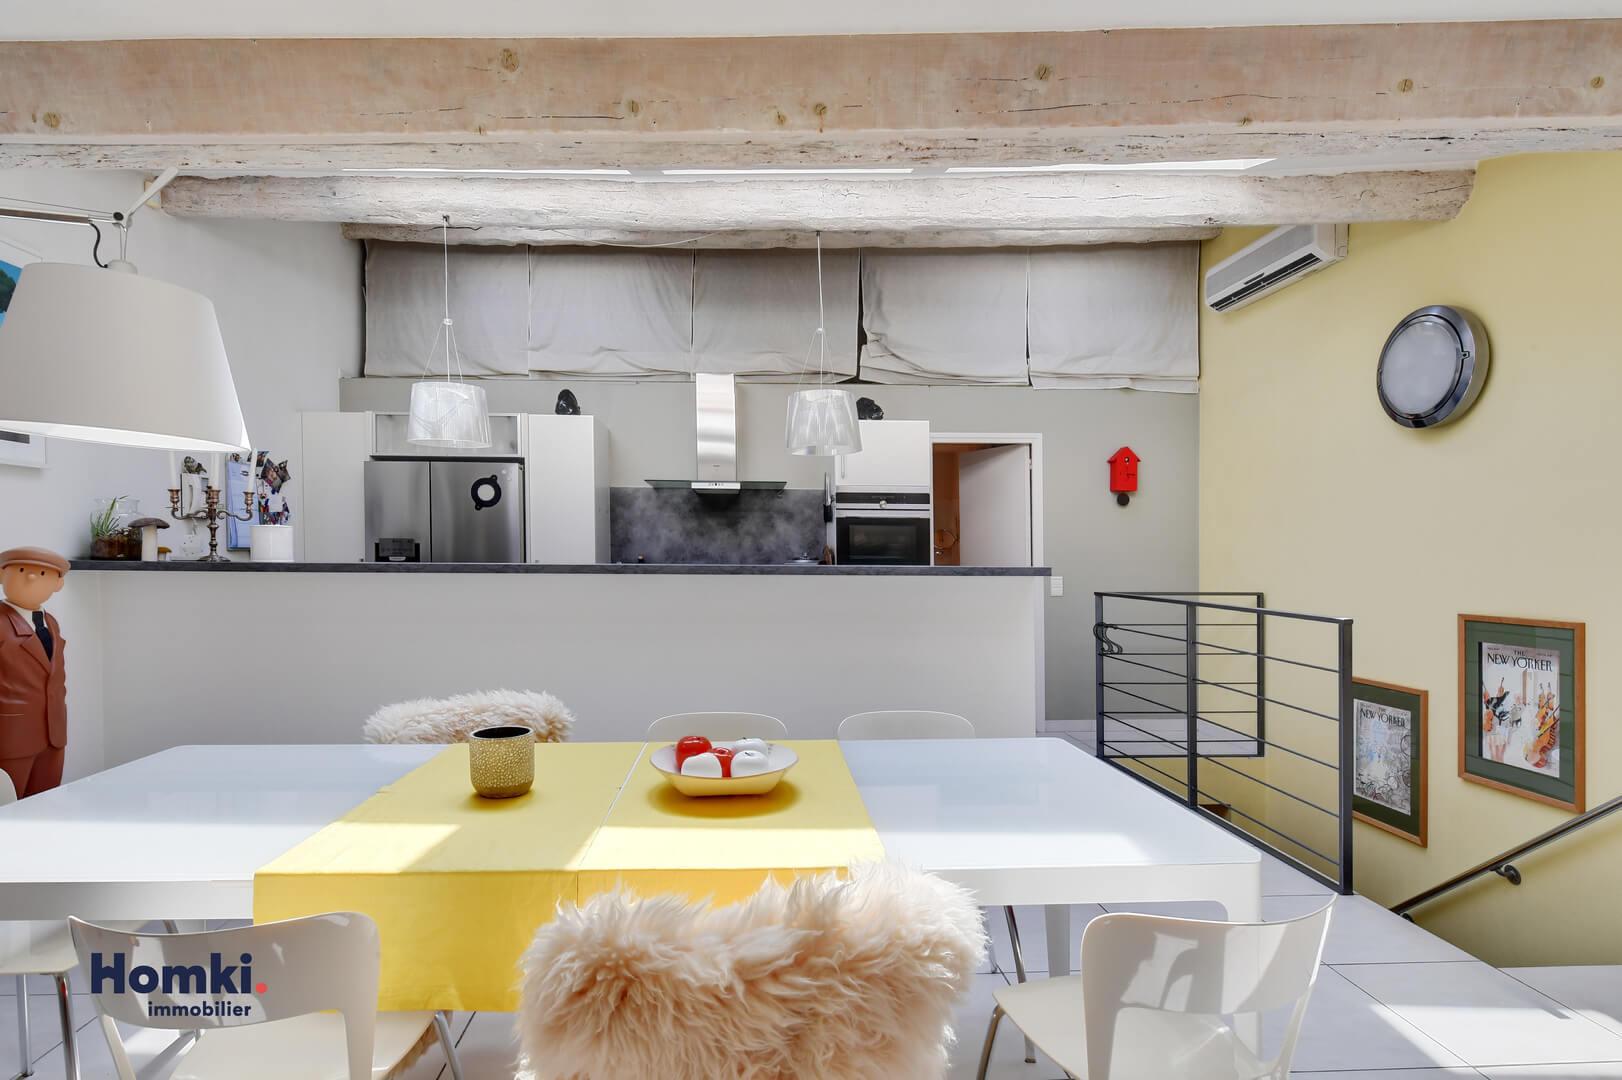 Vente appartement duplex Antibes 06600 T4 90m²_5